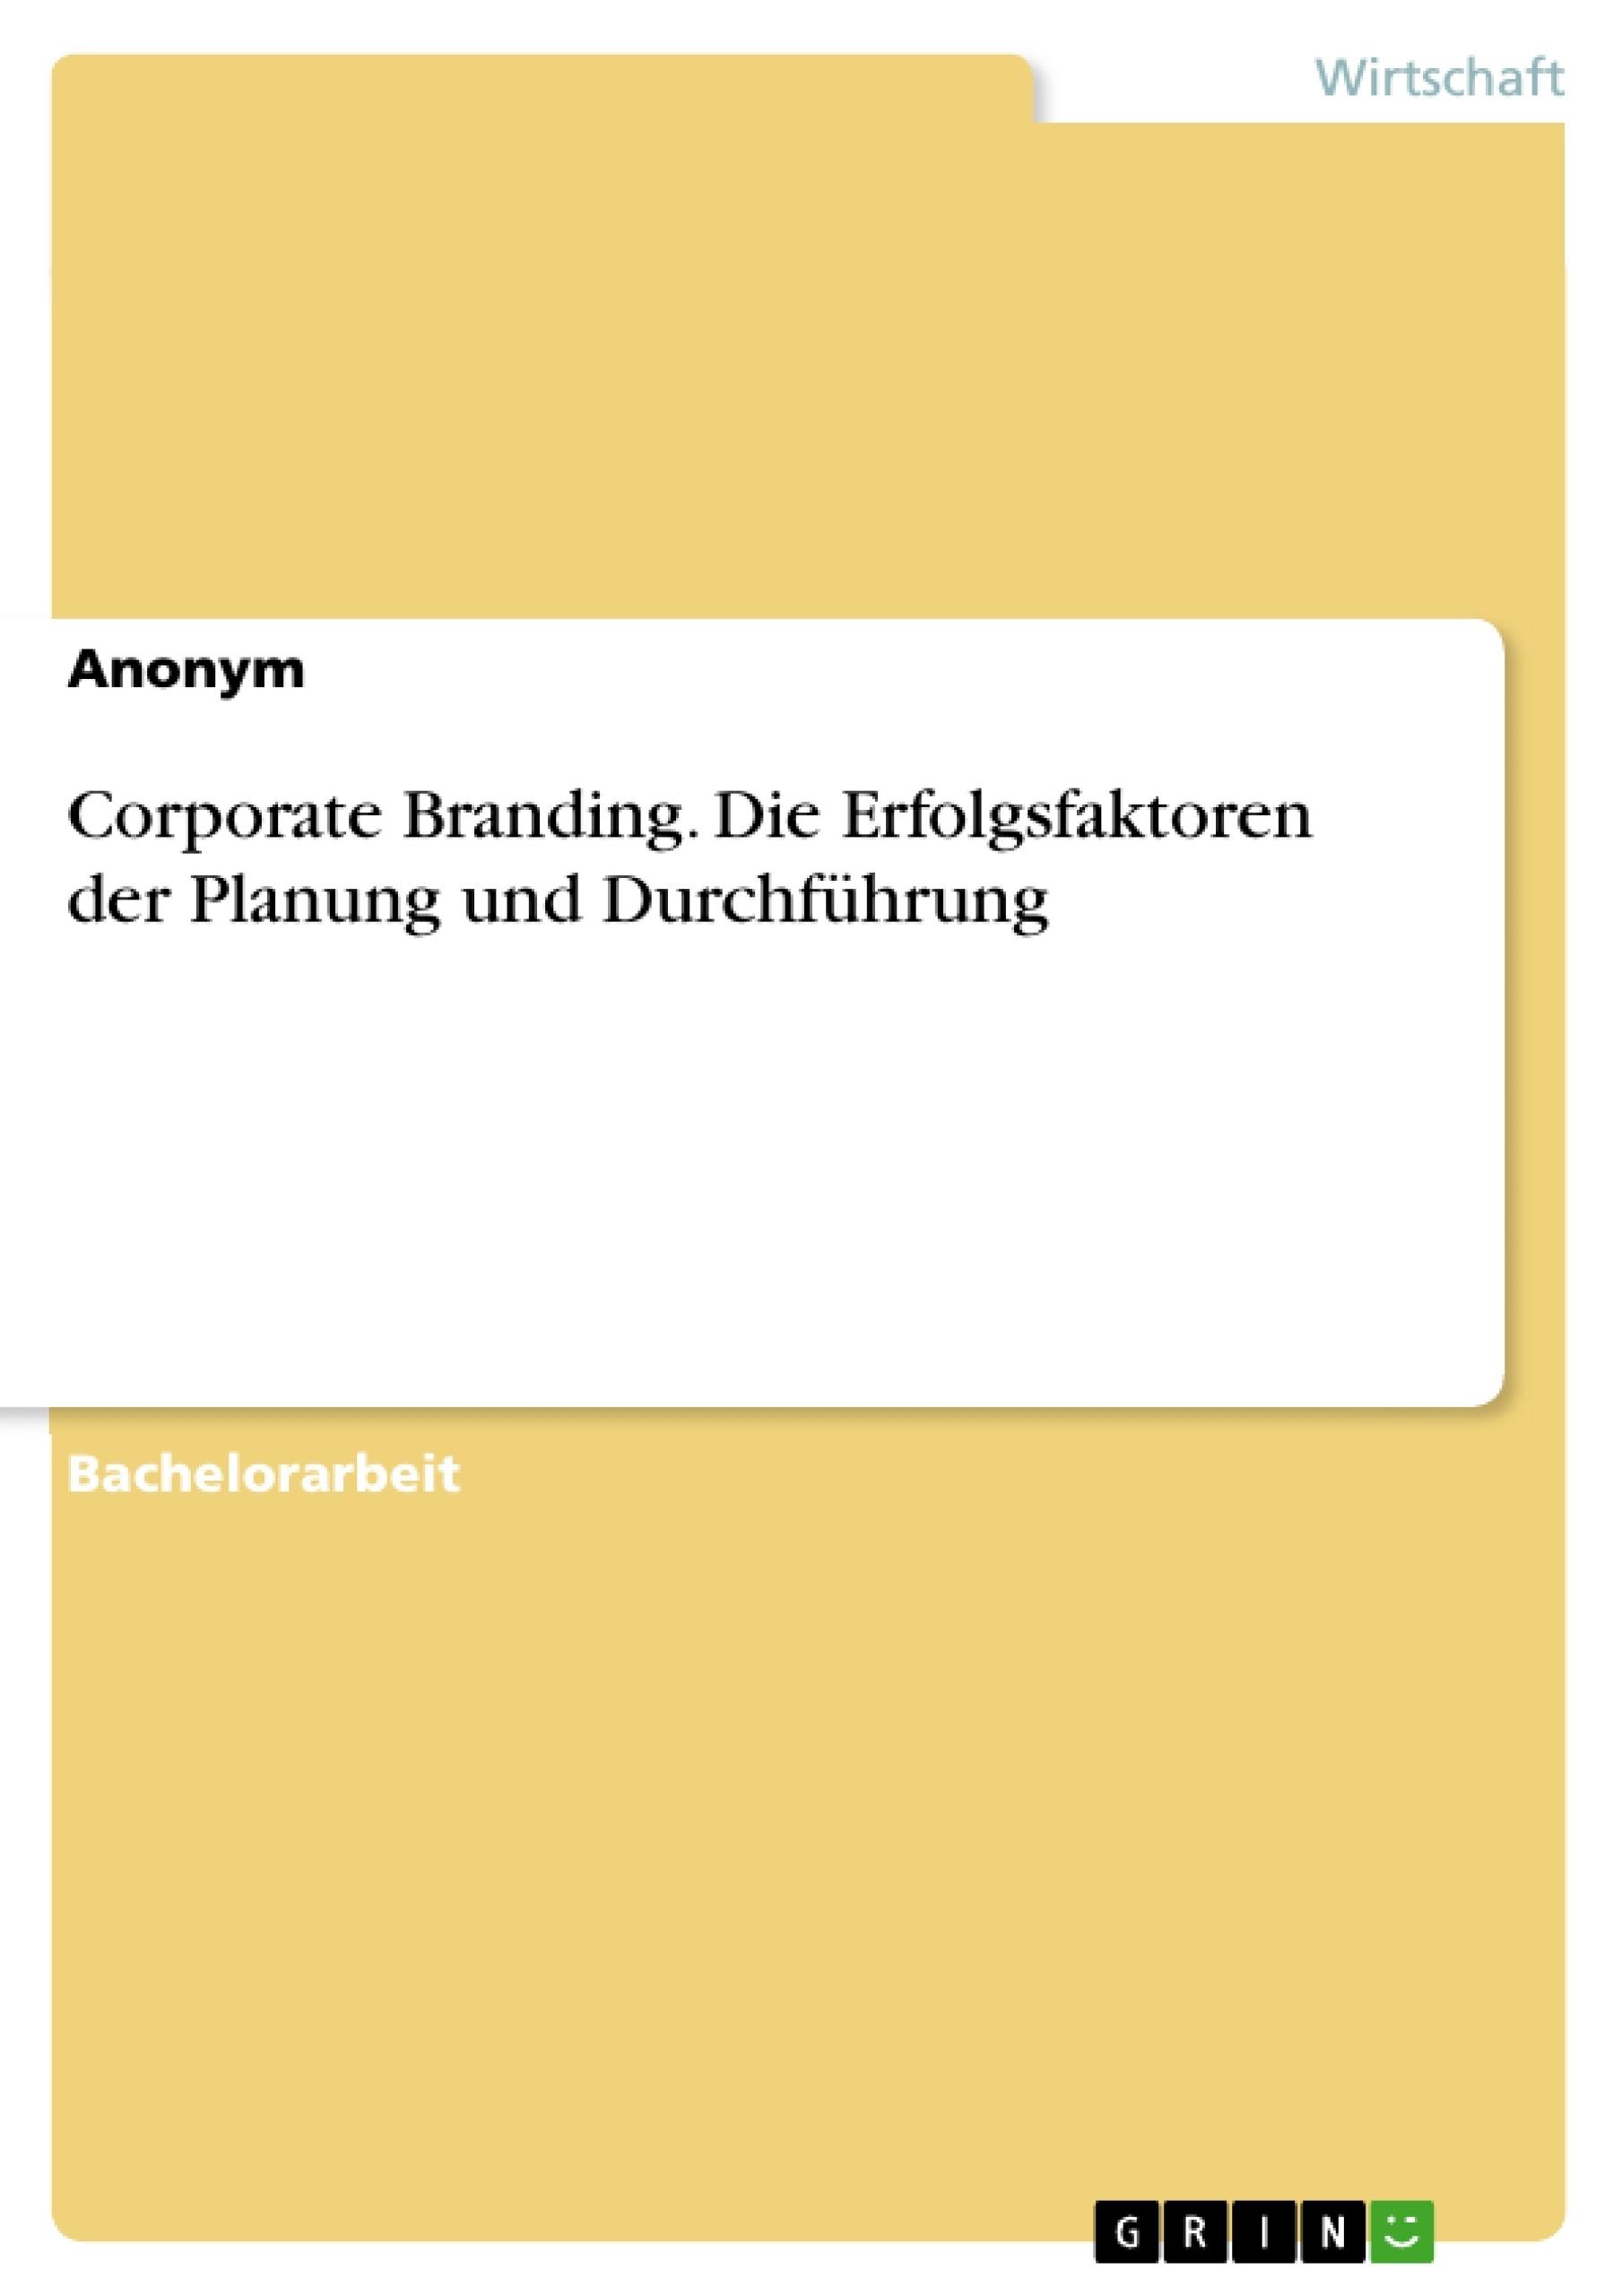 Titel: Corporate Branding. Die Erfolgsfaktoren der Planung und Durchführung